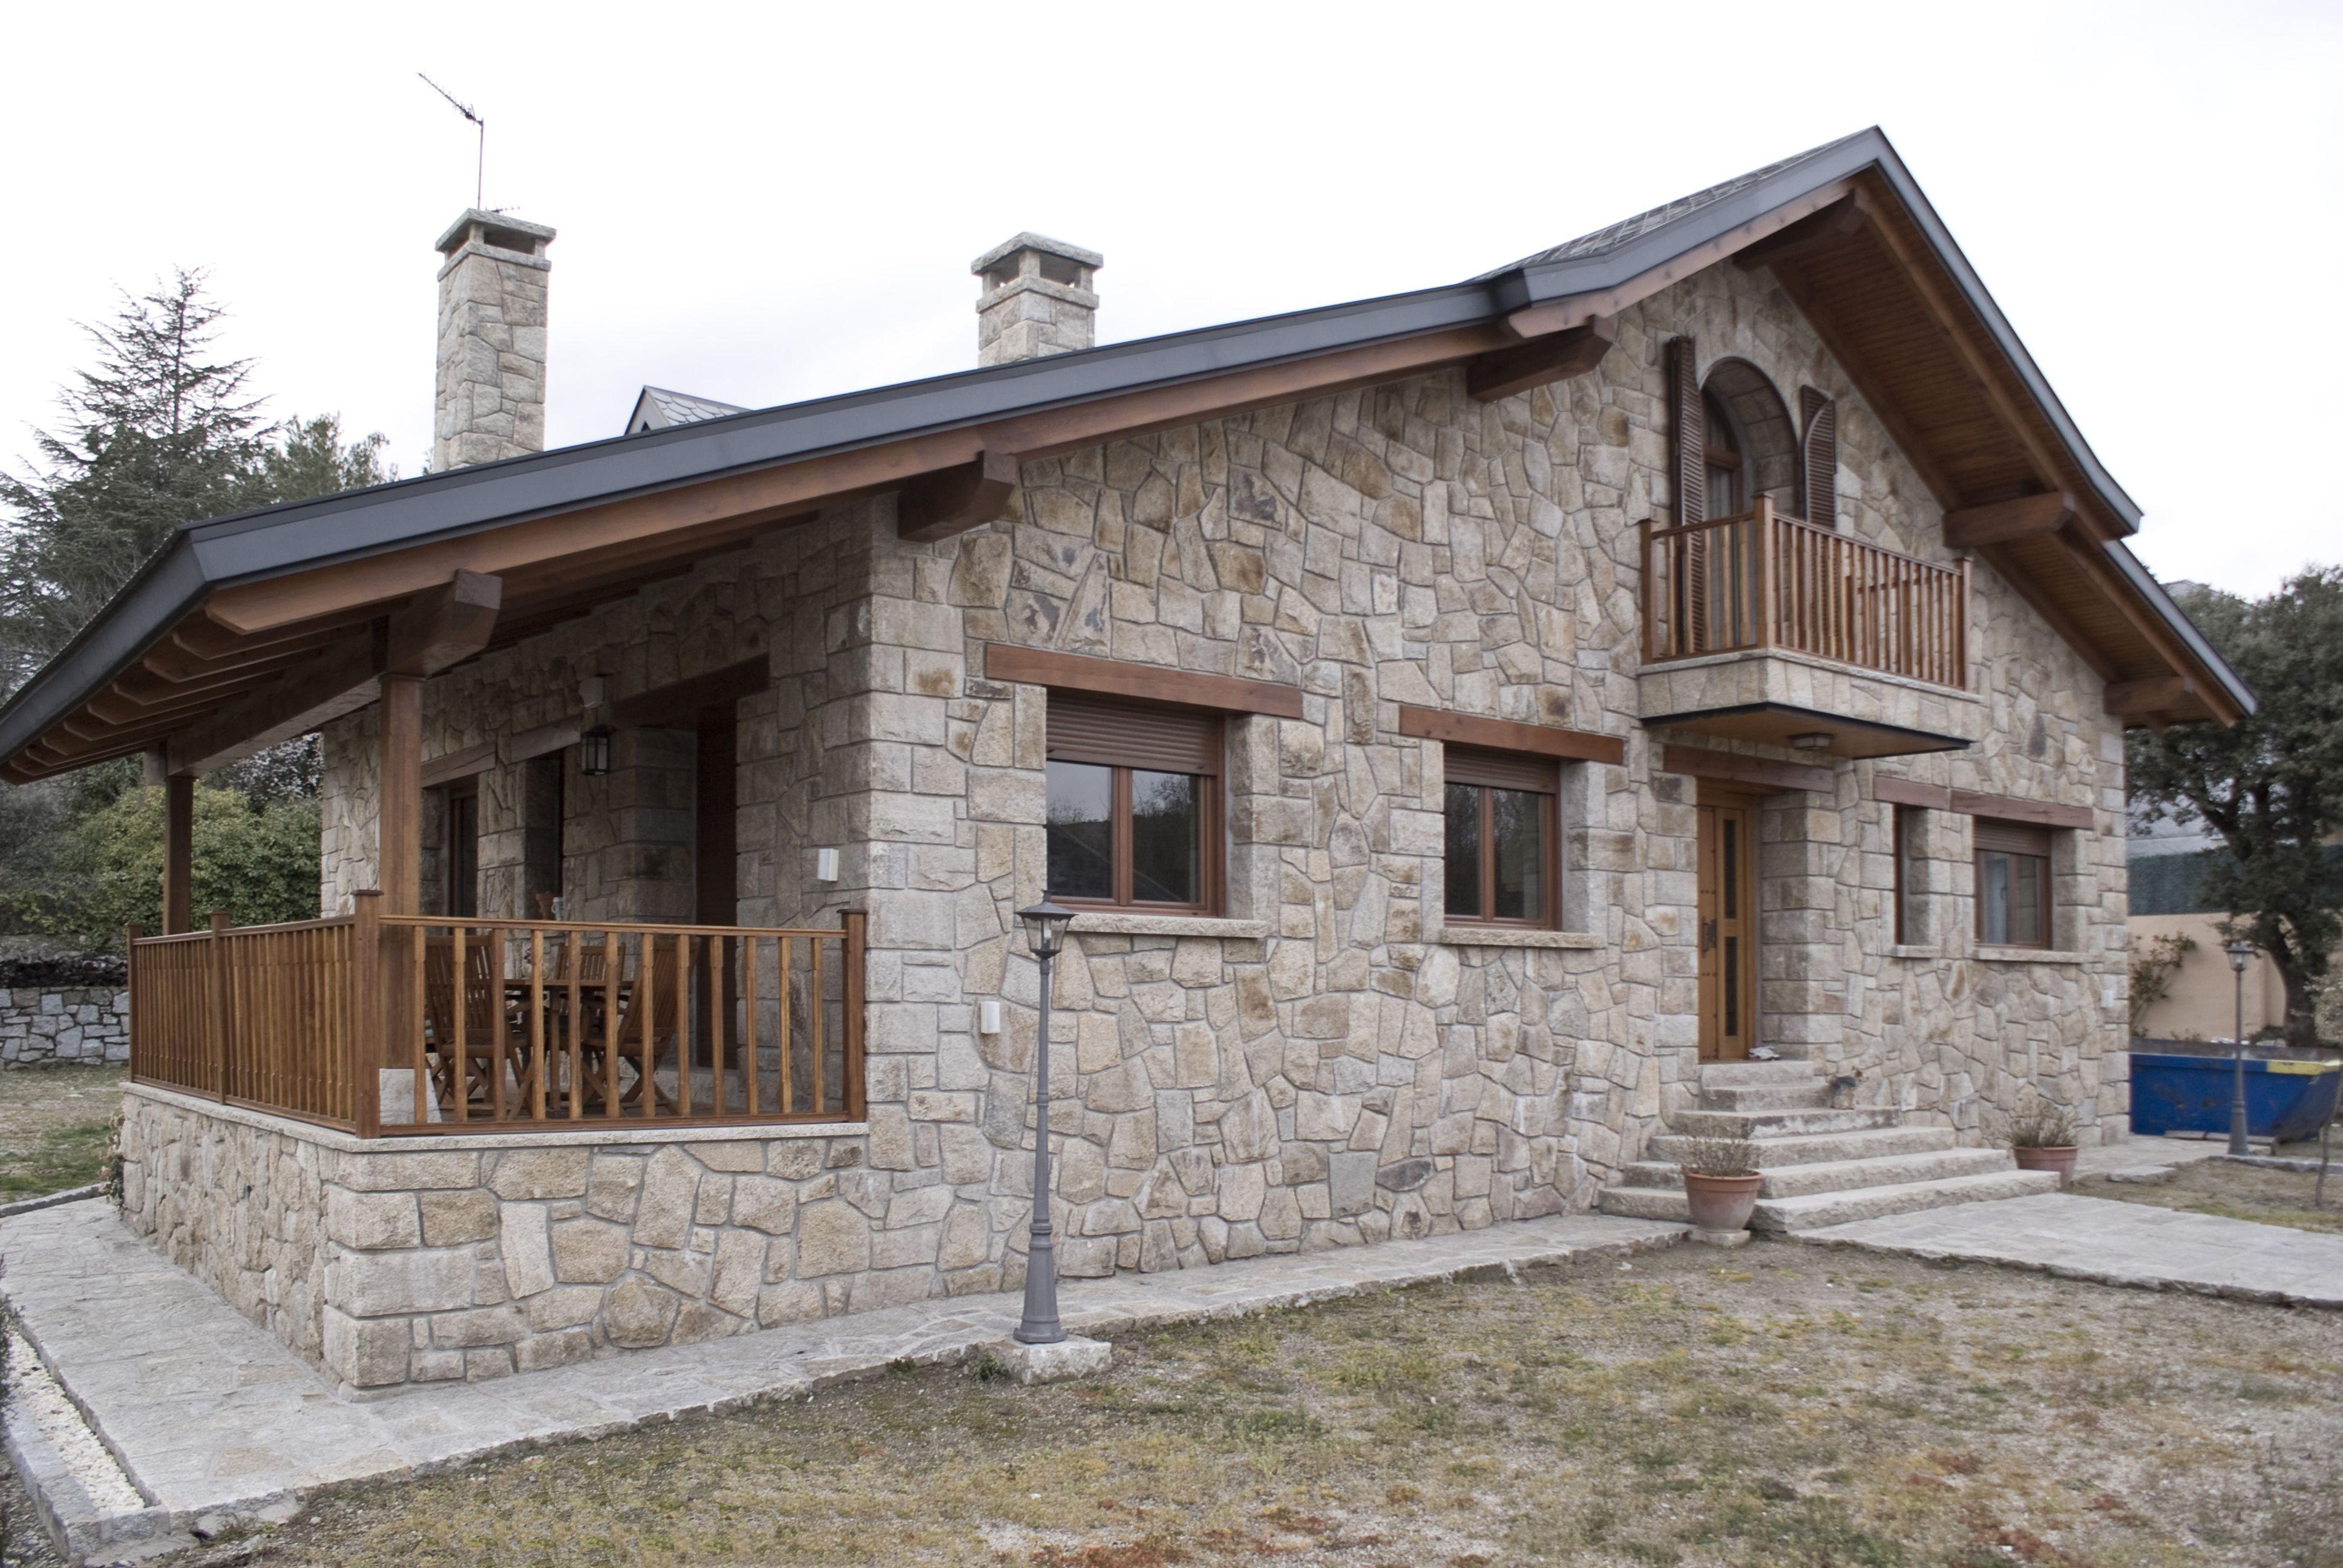 Casas rustico balcon exterior porche sillas mesas for Lamparas porche exterior